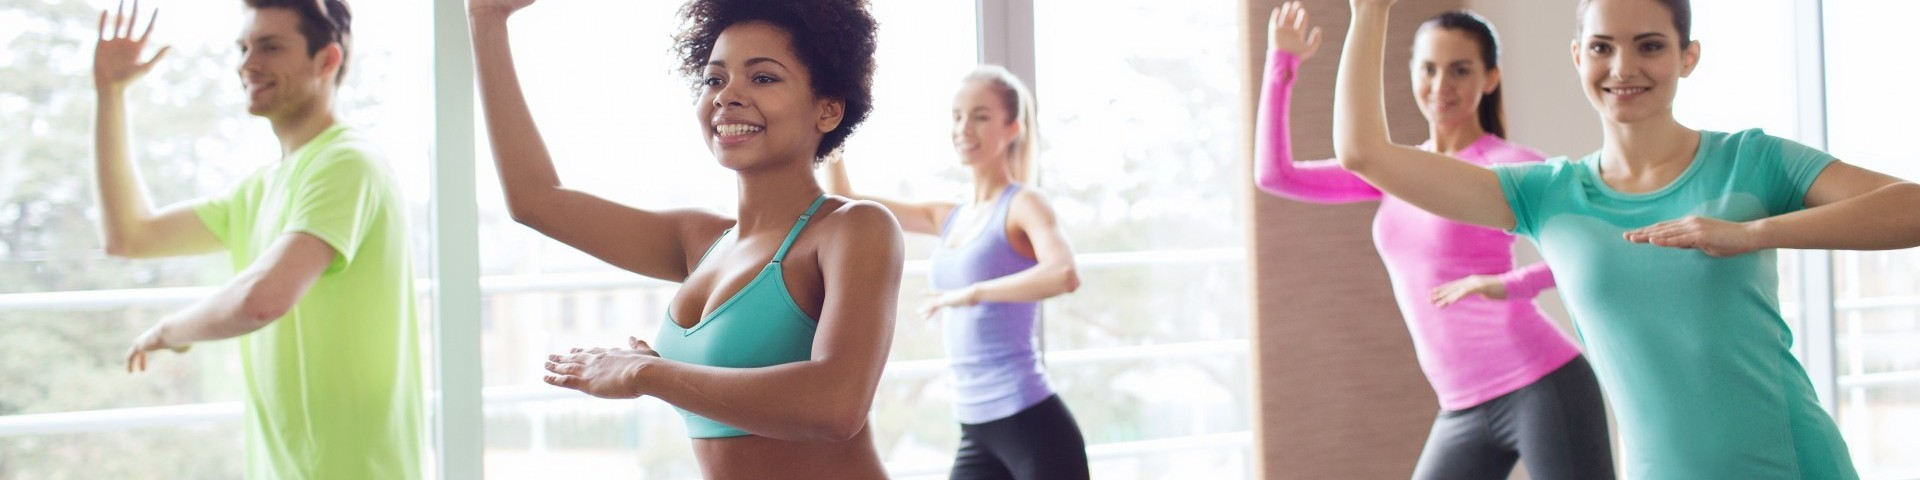 Exercising girls